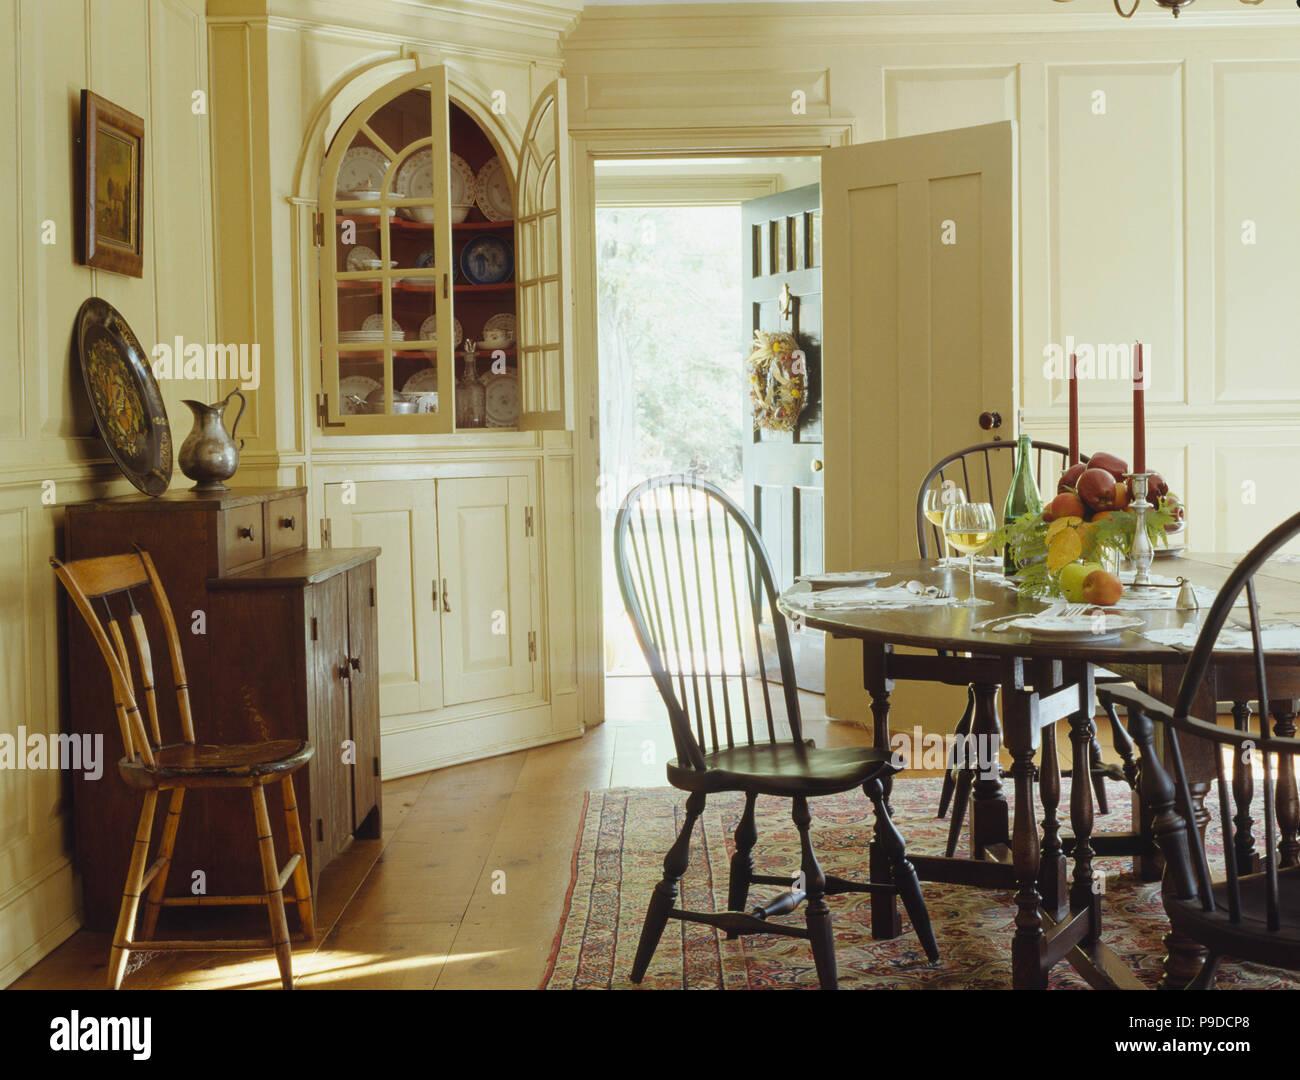 Antike Stick Zuruck Stuhlen Und Tisch Im Amerikanischen Kolonialstil Esszimmer Ausgestattet Mit Creme Kommode Stockfotografie Alamy